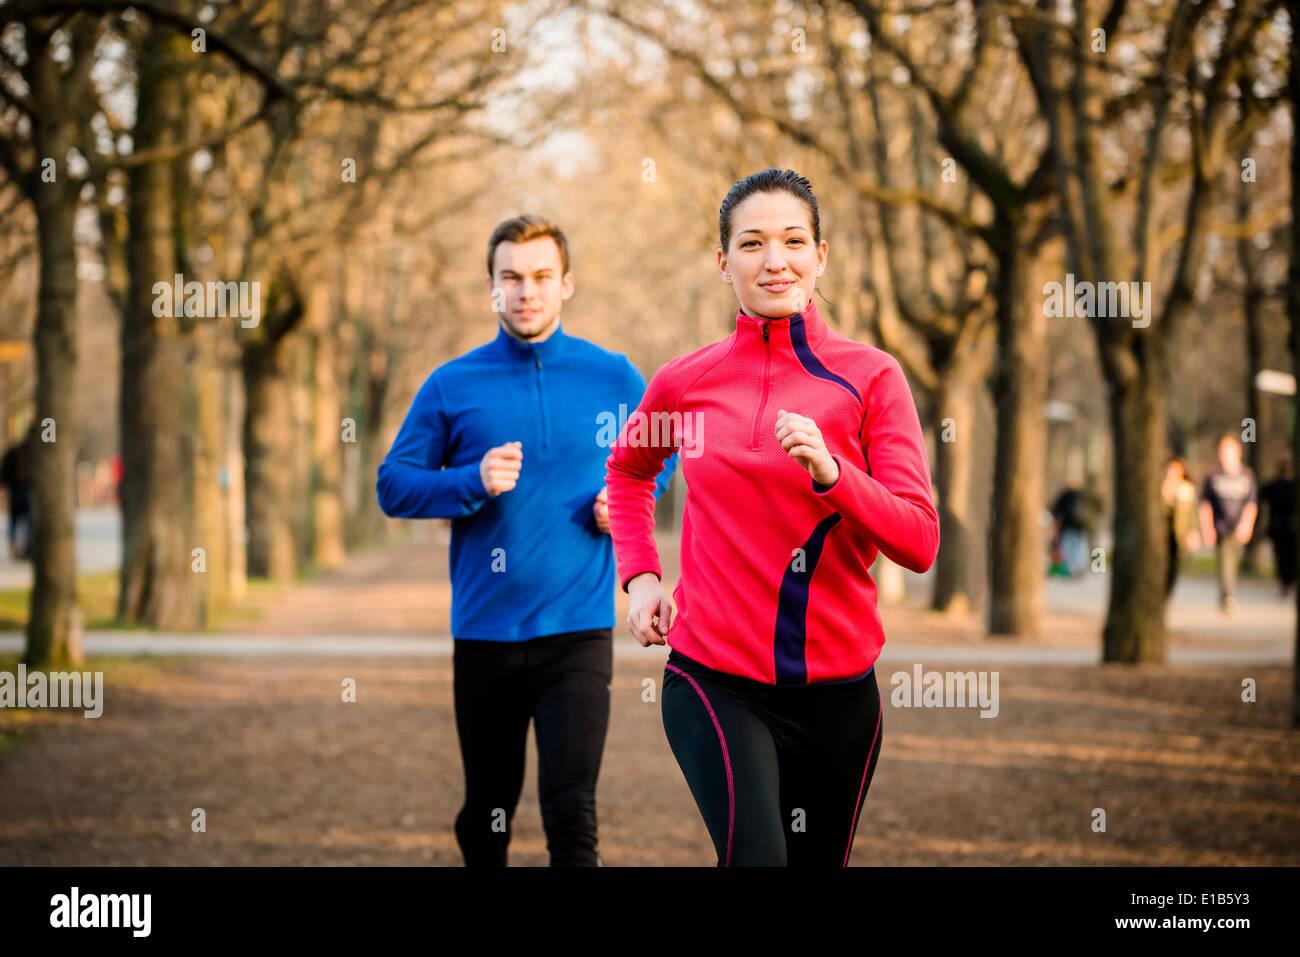 Jogging di coppia - giovane uomo e donna in concorrenza, prima donna Immagini Stock